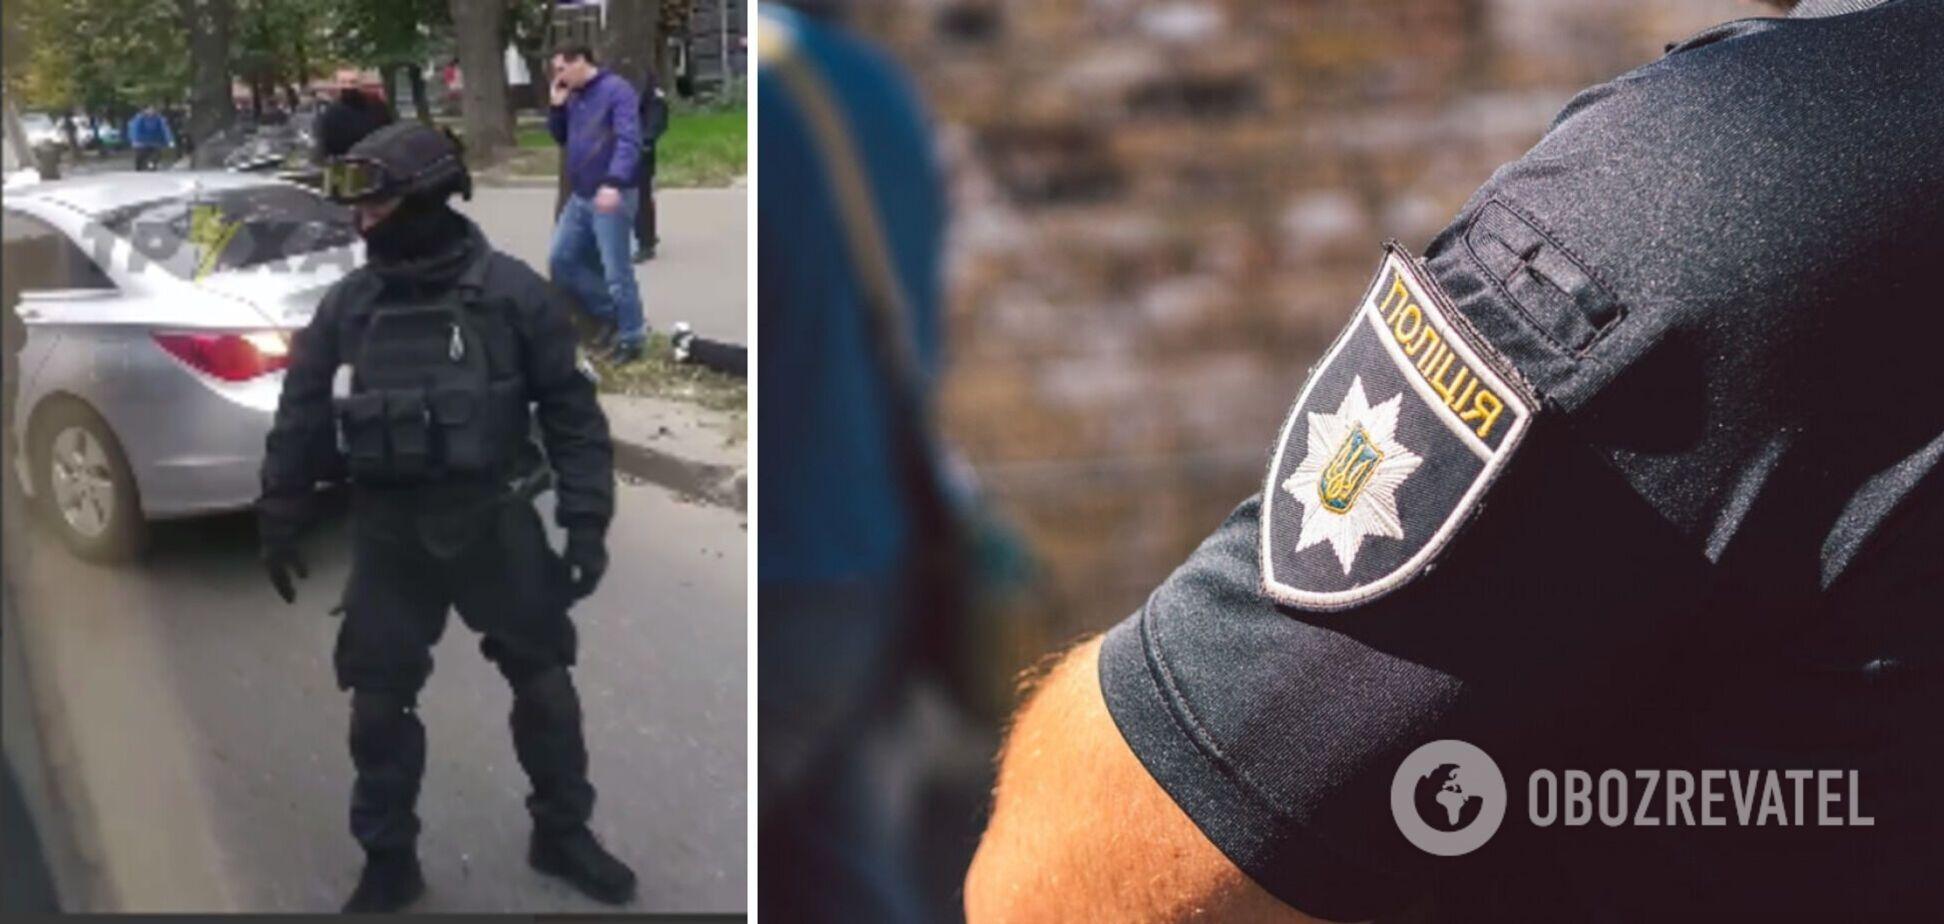 В Харькове полицейские задержали вымогателей из банды 'Рэмбо'. Фото и видео